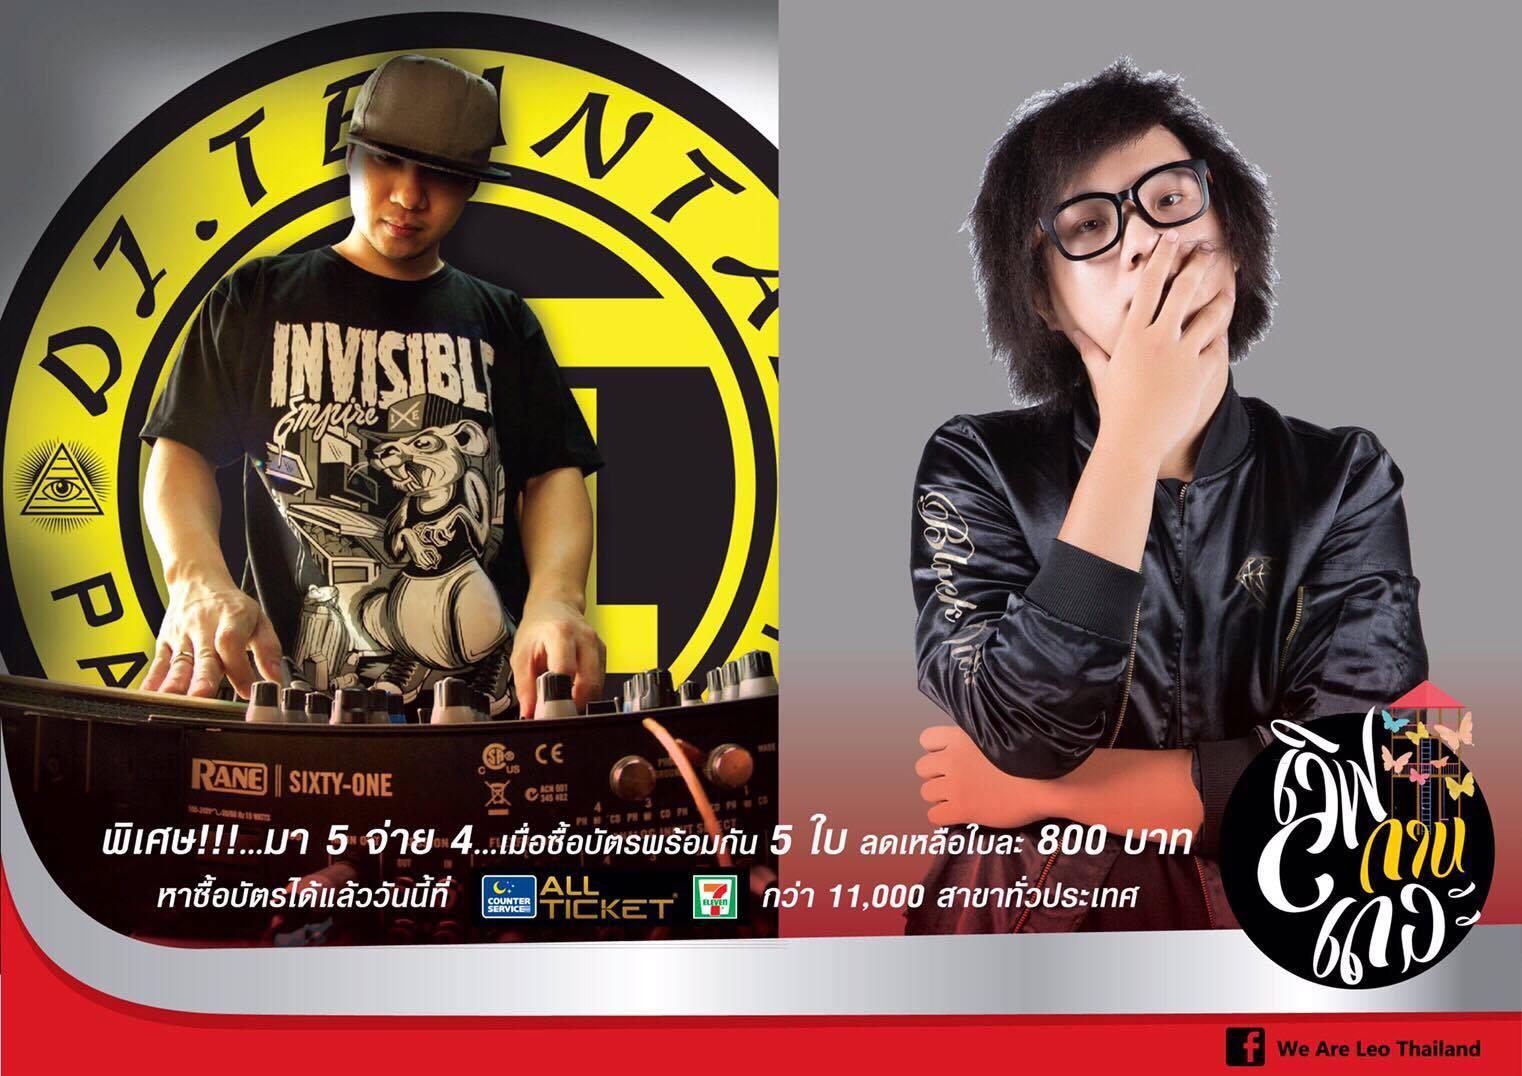 DJ. Tae A.K.A. Dj. TNT